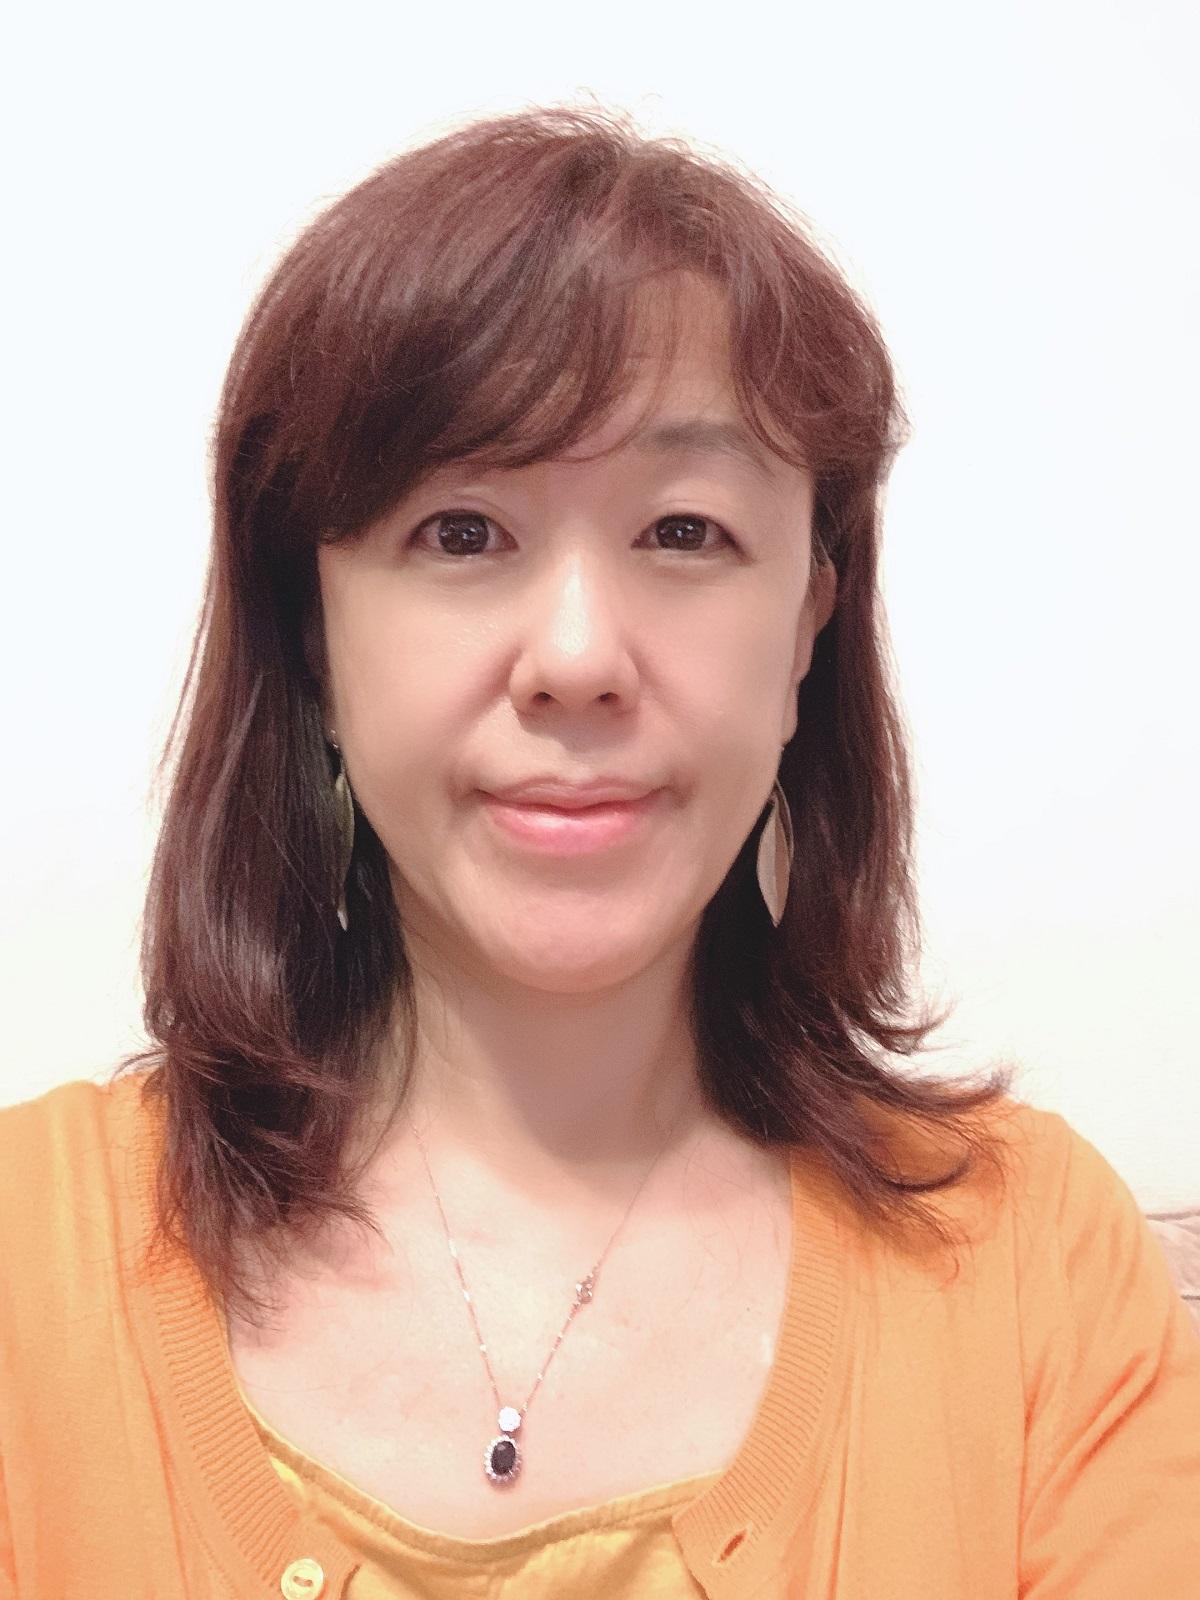 川口有美子さん